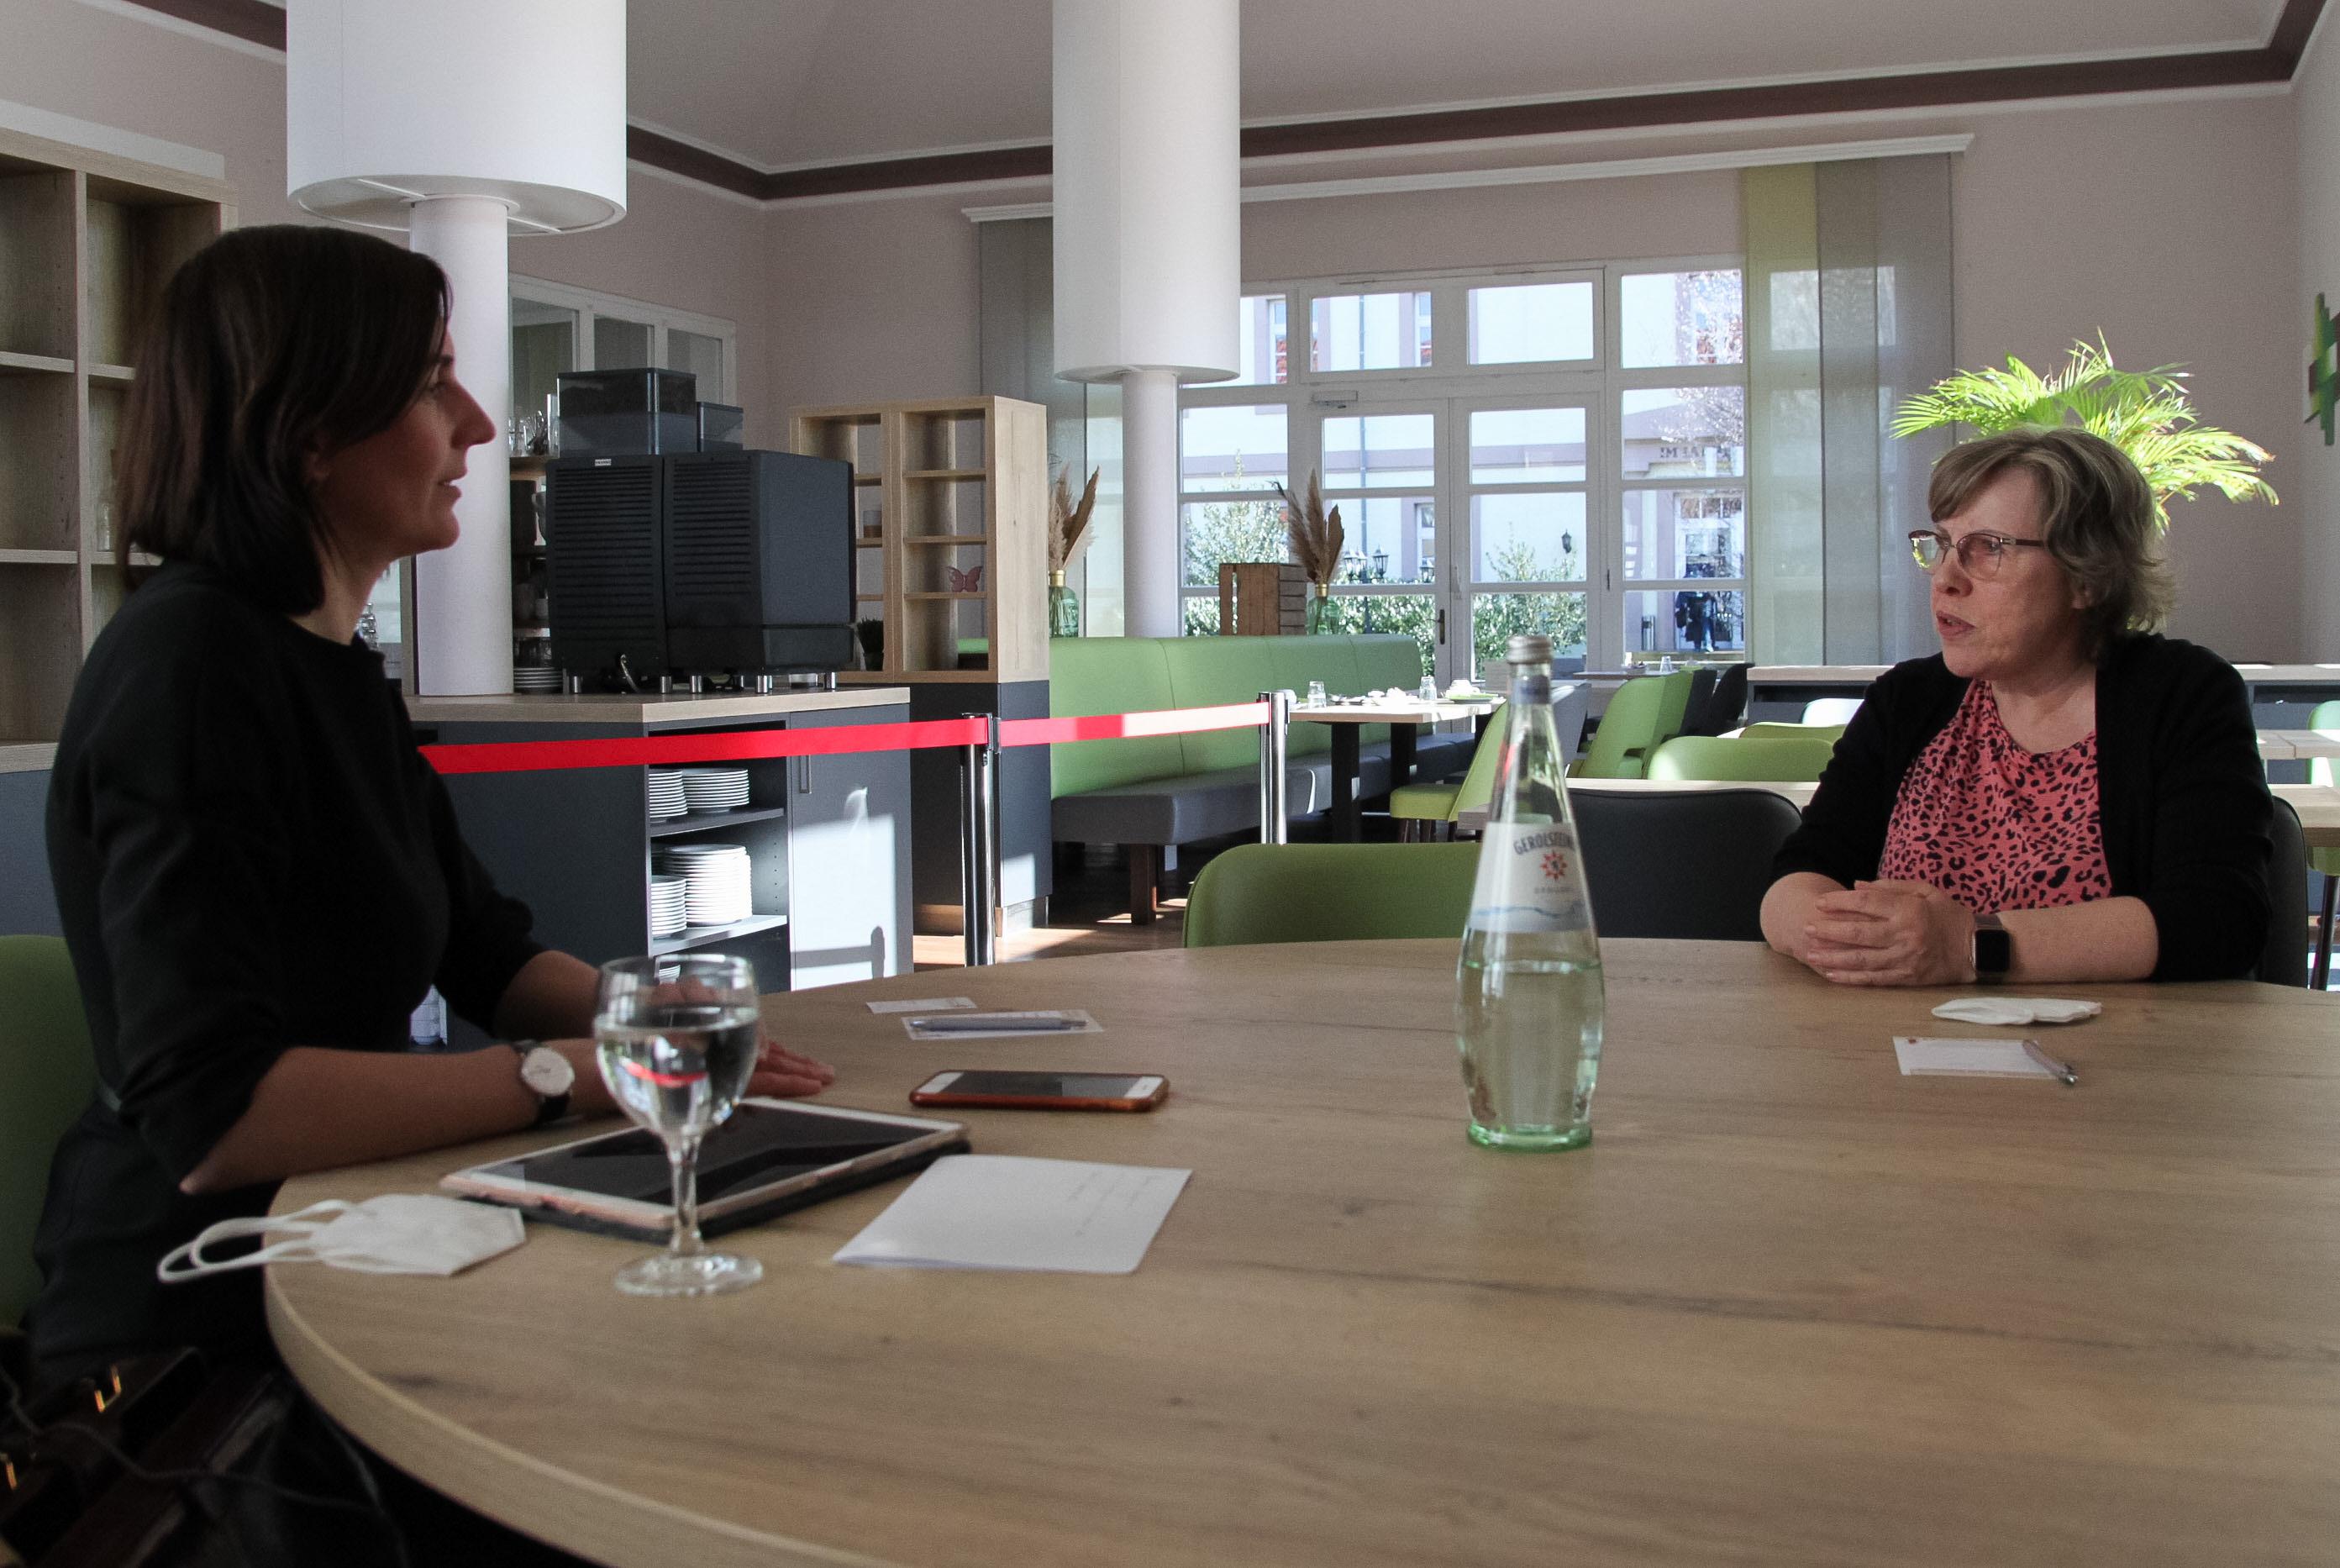 Mareike im Gespräch mit Frau Güse